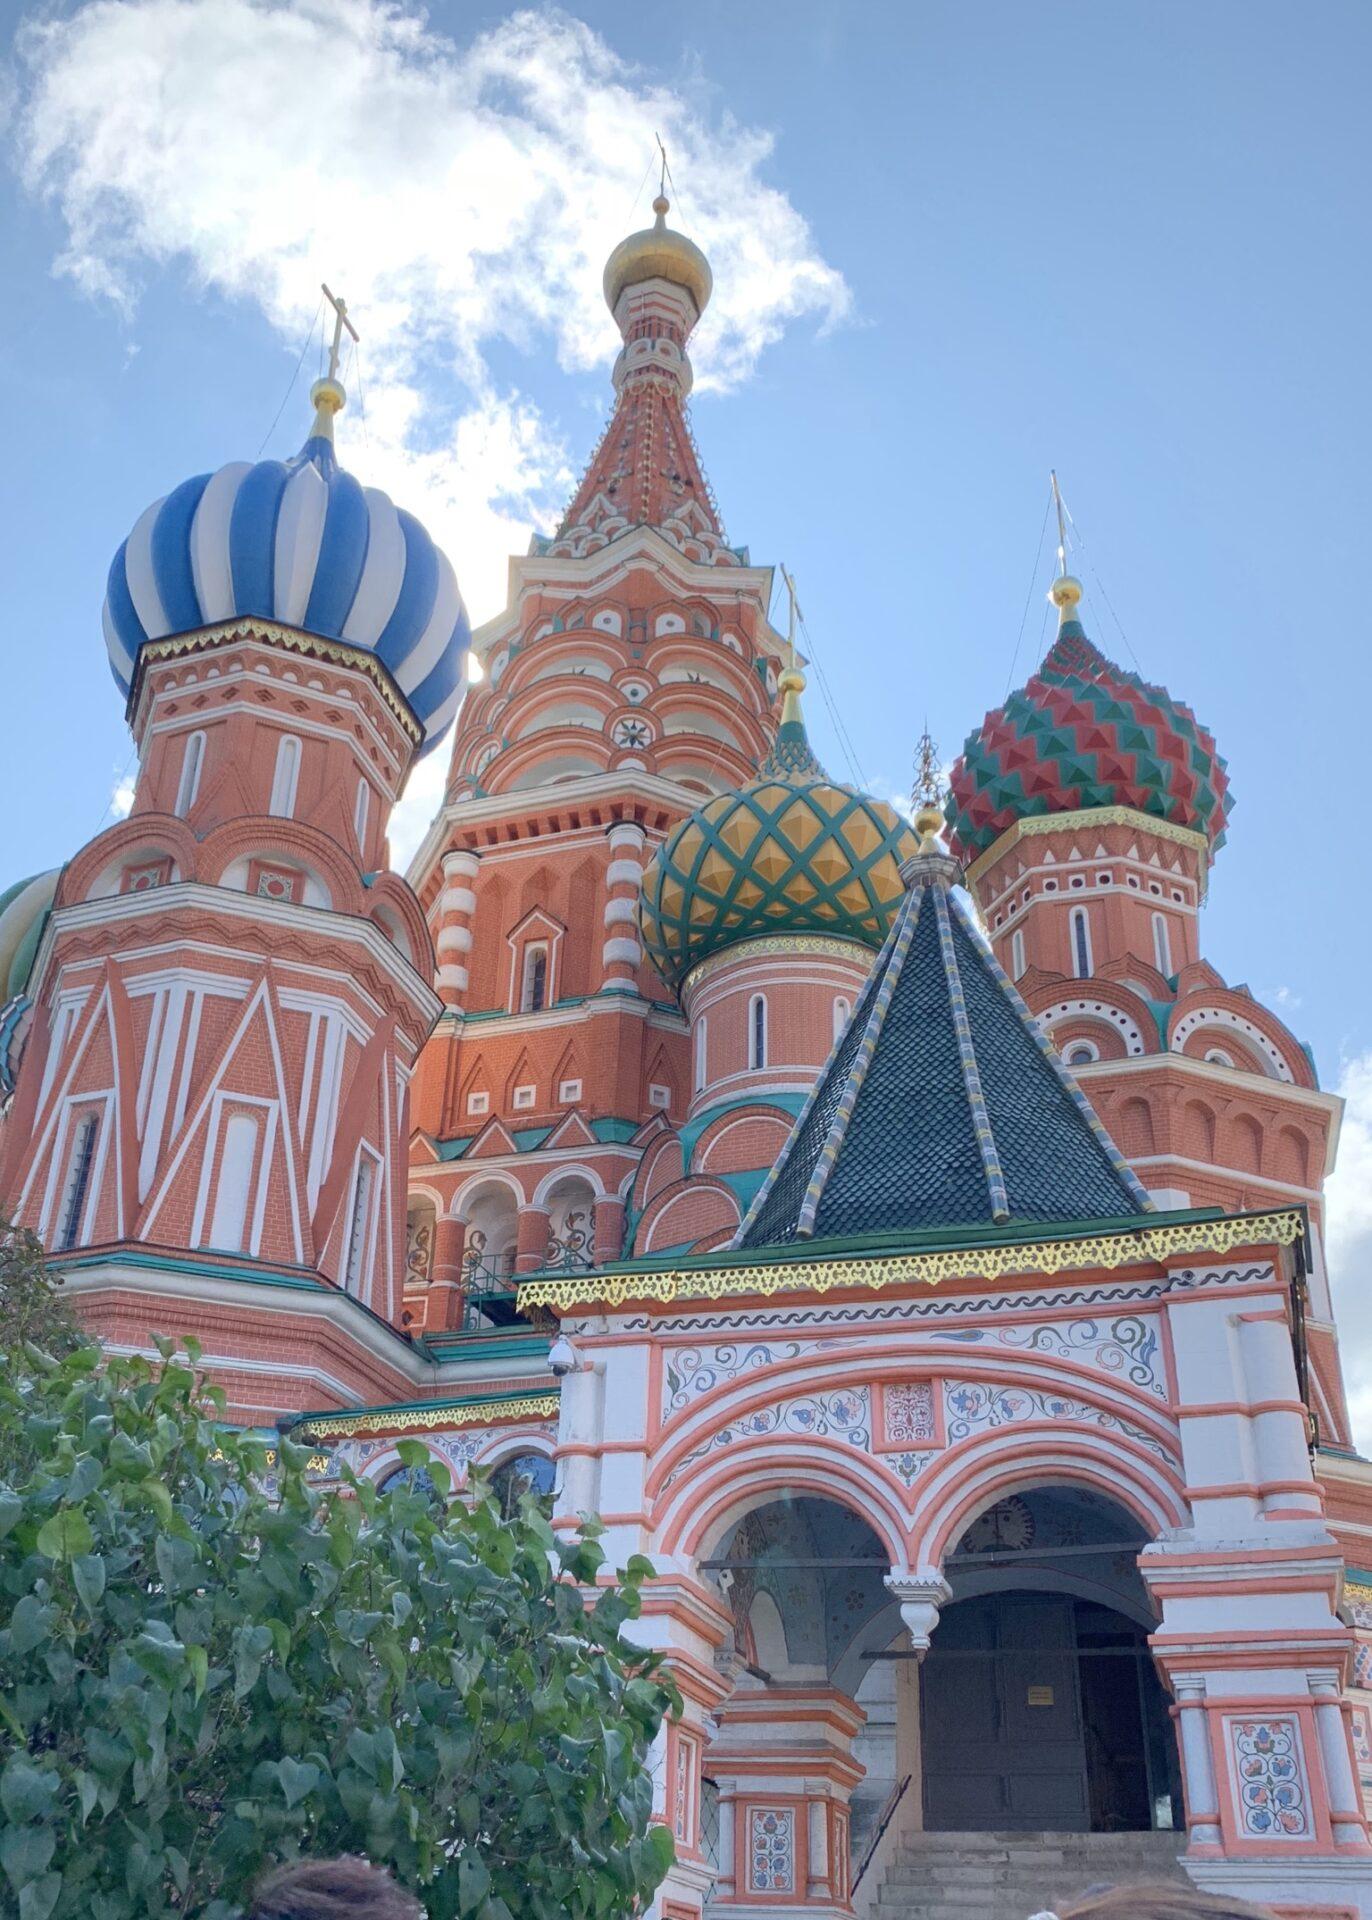 ロシア 2 : クレムリンと赤の広場(モスクワ)